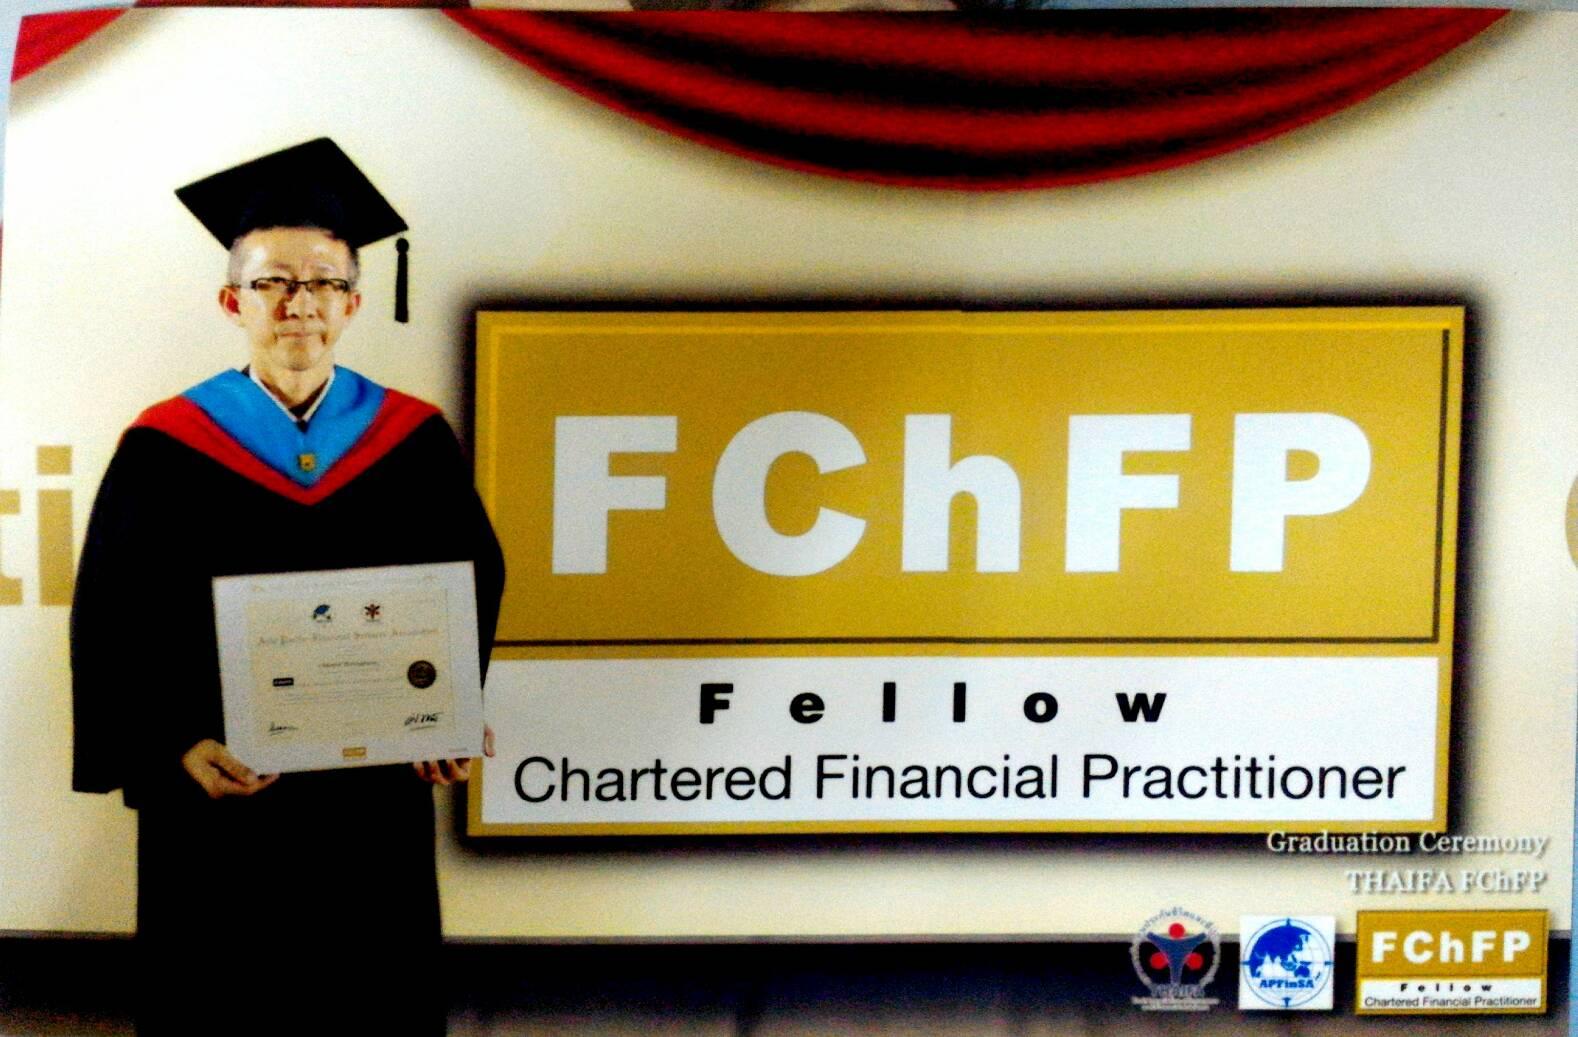 นักวางแผนการเงินFChFP